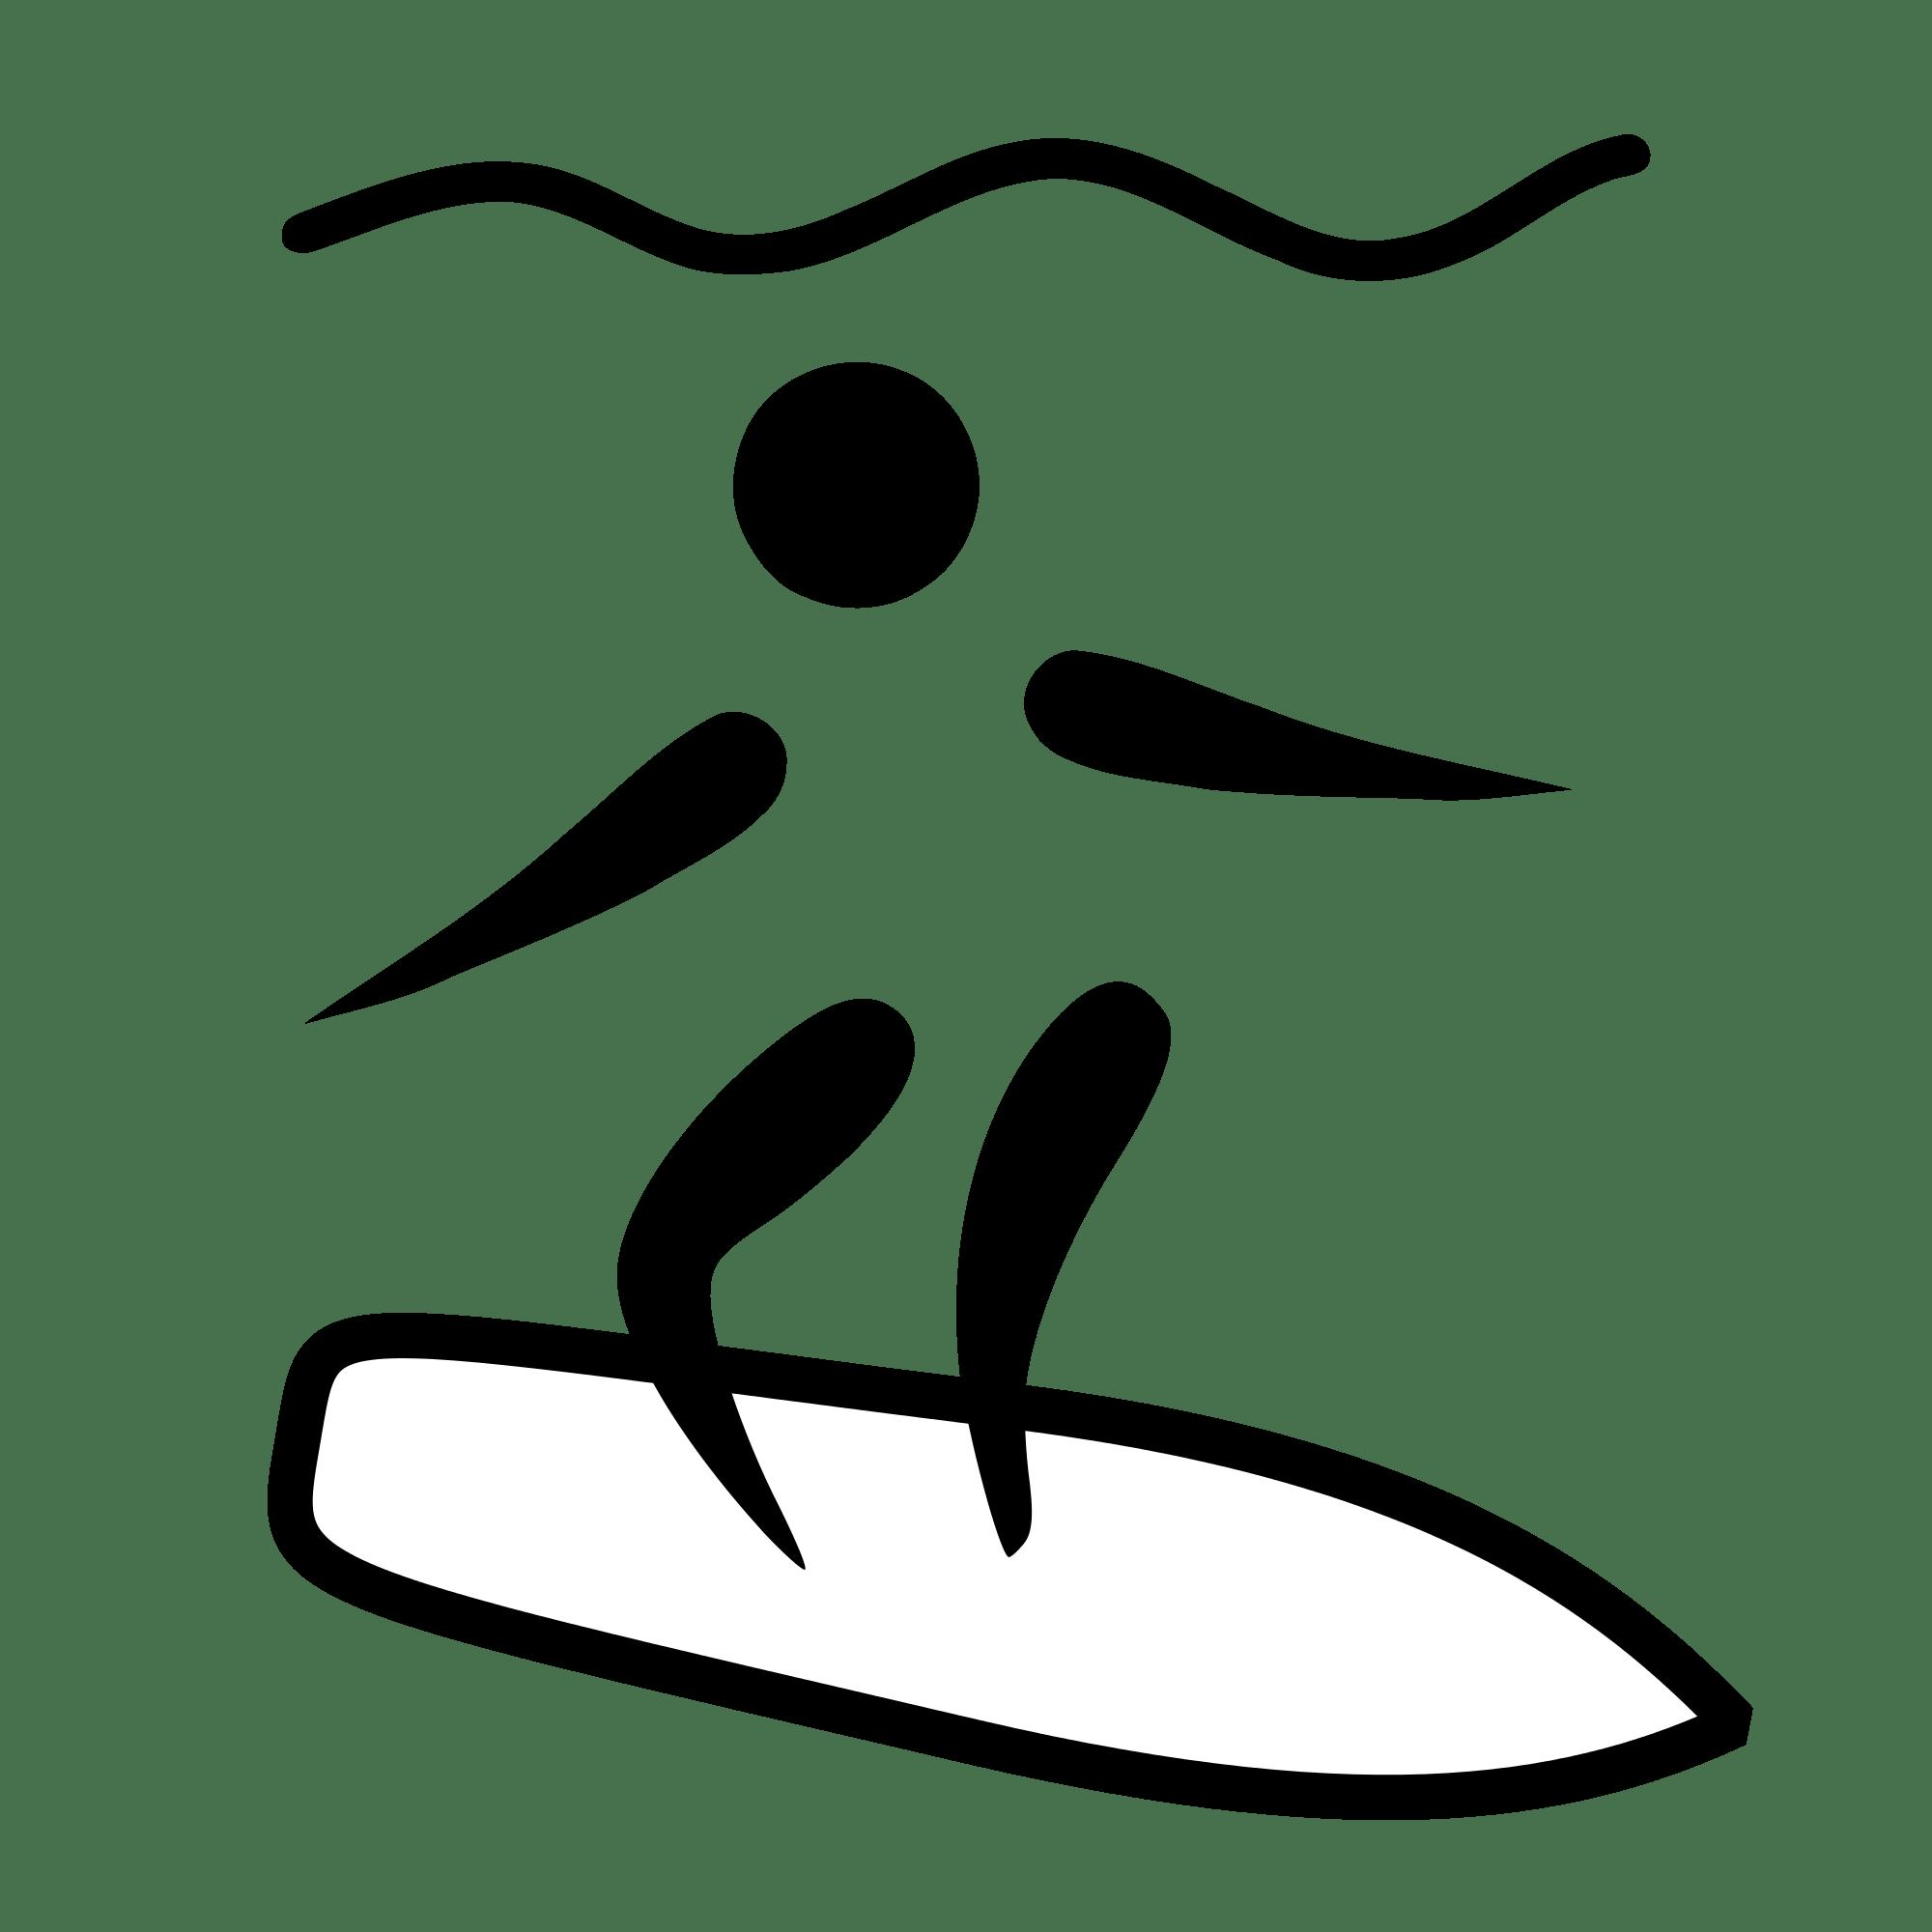 Surfing Svg Download Surfing Svg